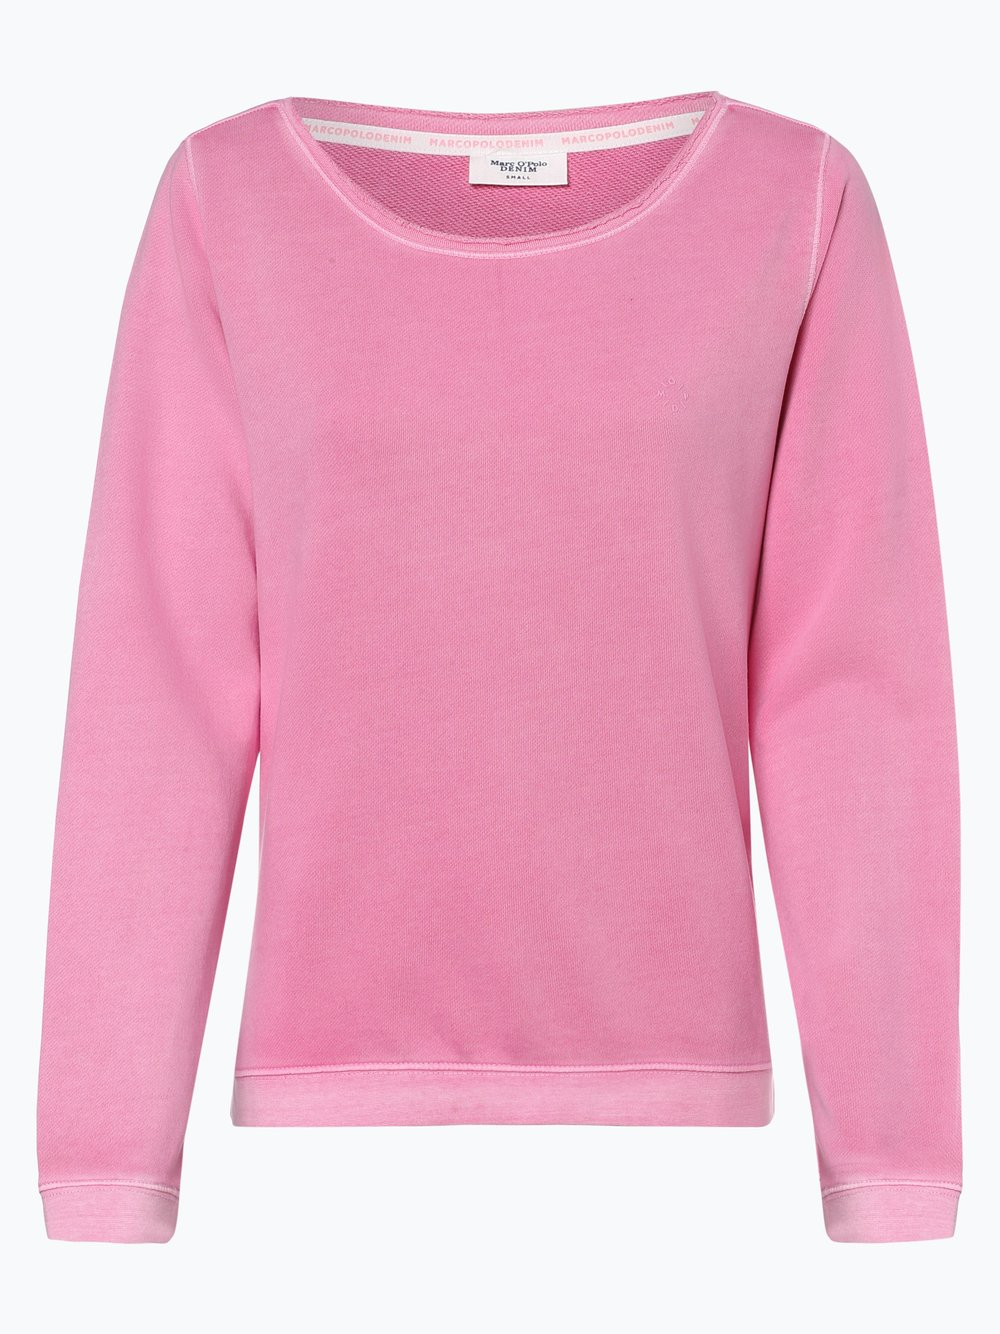 Marc O'Polo Denim Damen Sweatshirt online kaufen | VANGRAAF.COM